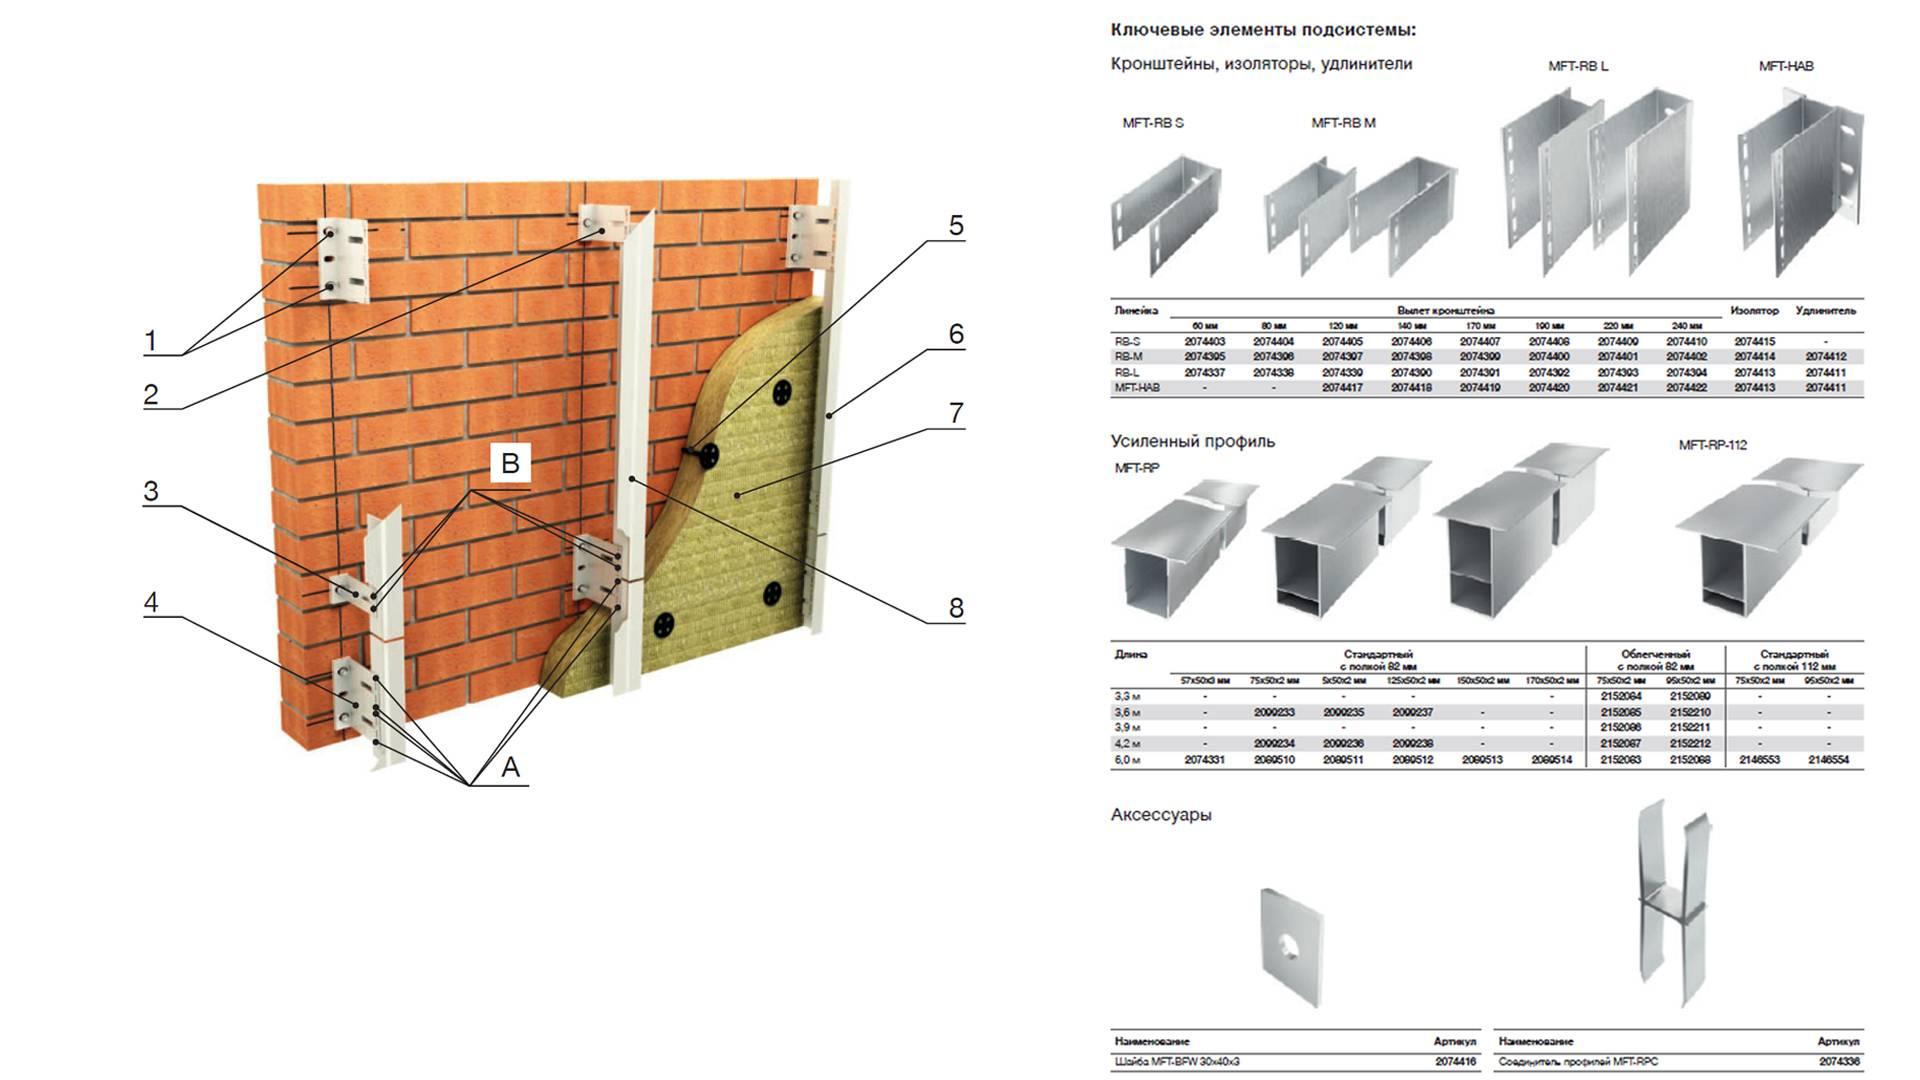 Алюминиевая подсистема для вентфасада - лучшие фасады частных домов